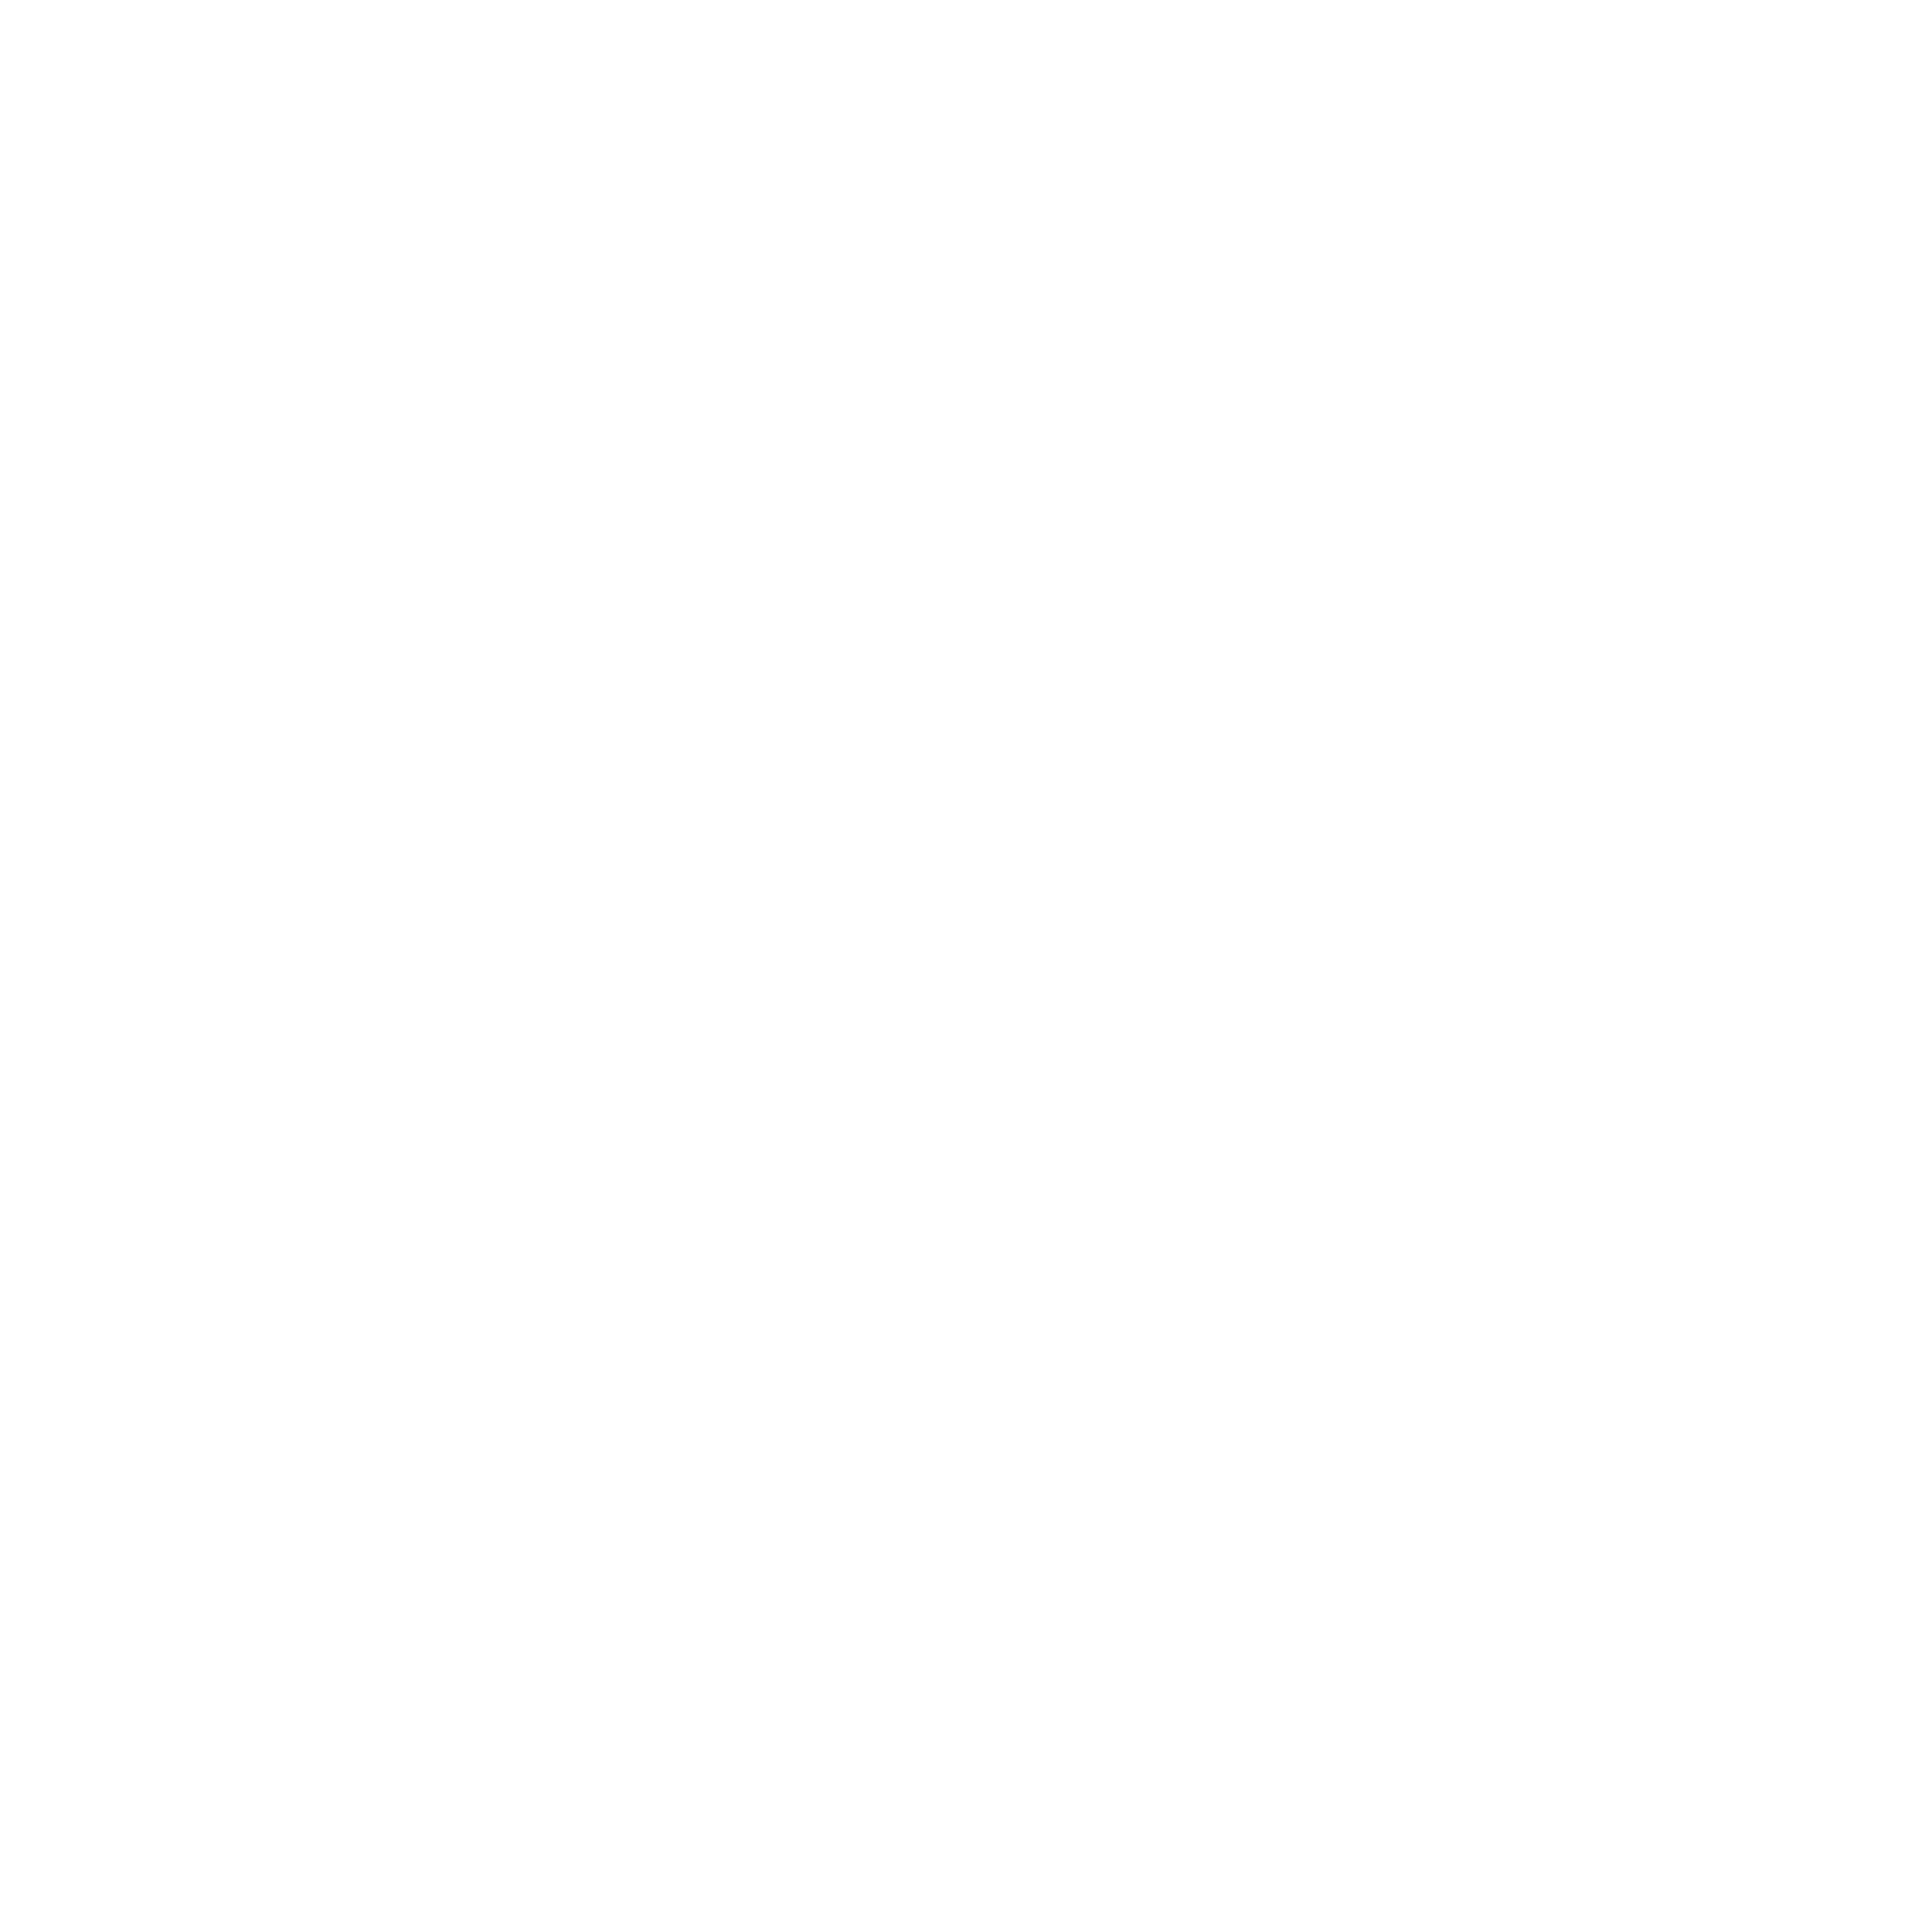 290000 cafés consommés